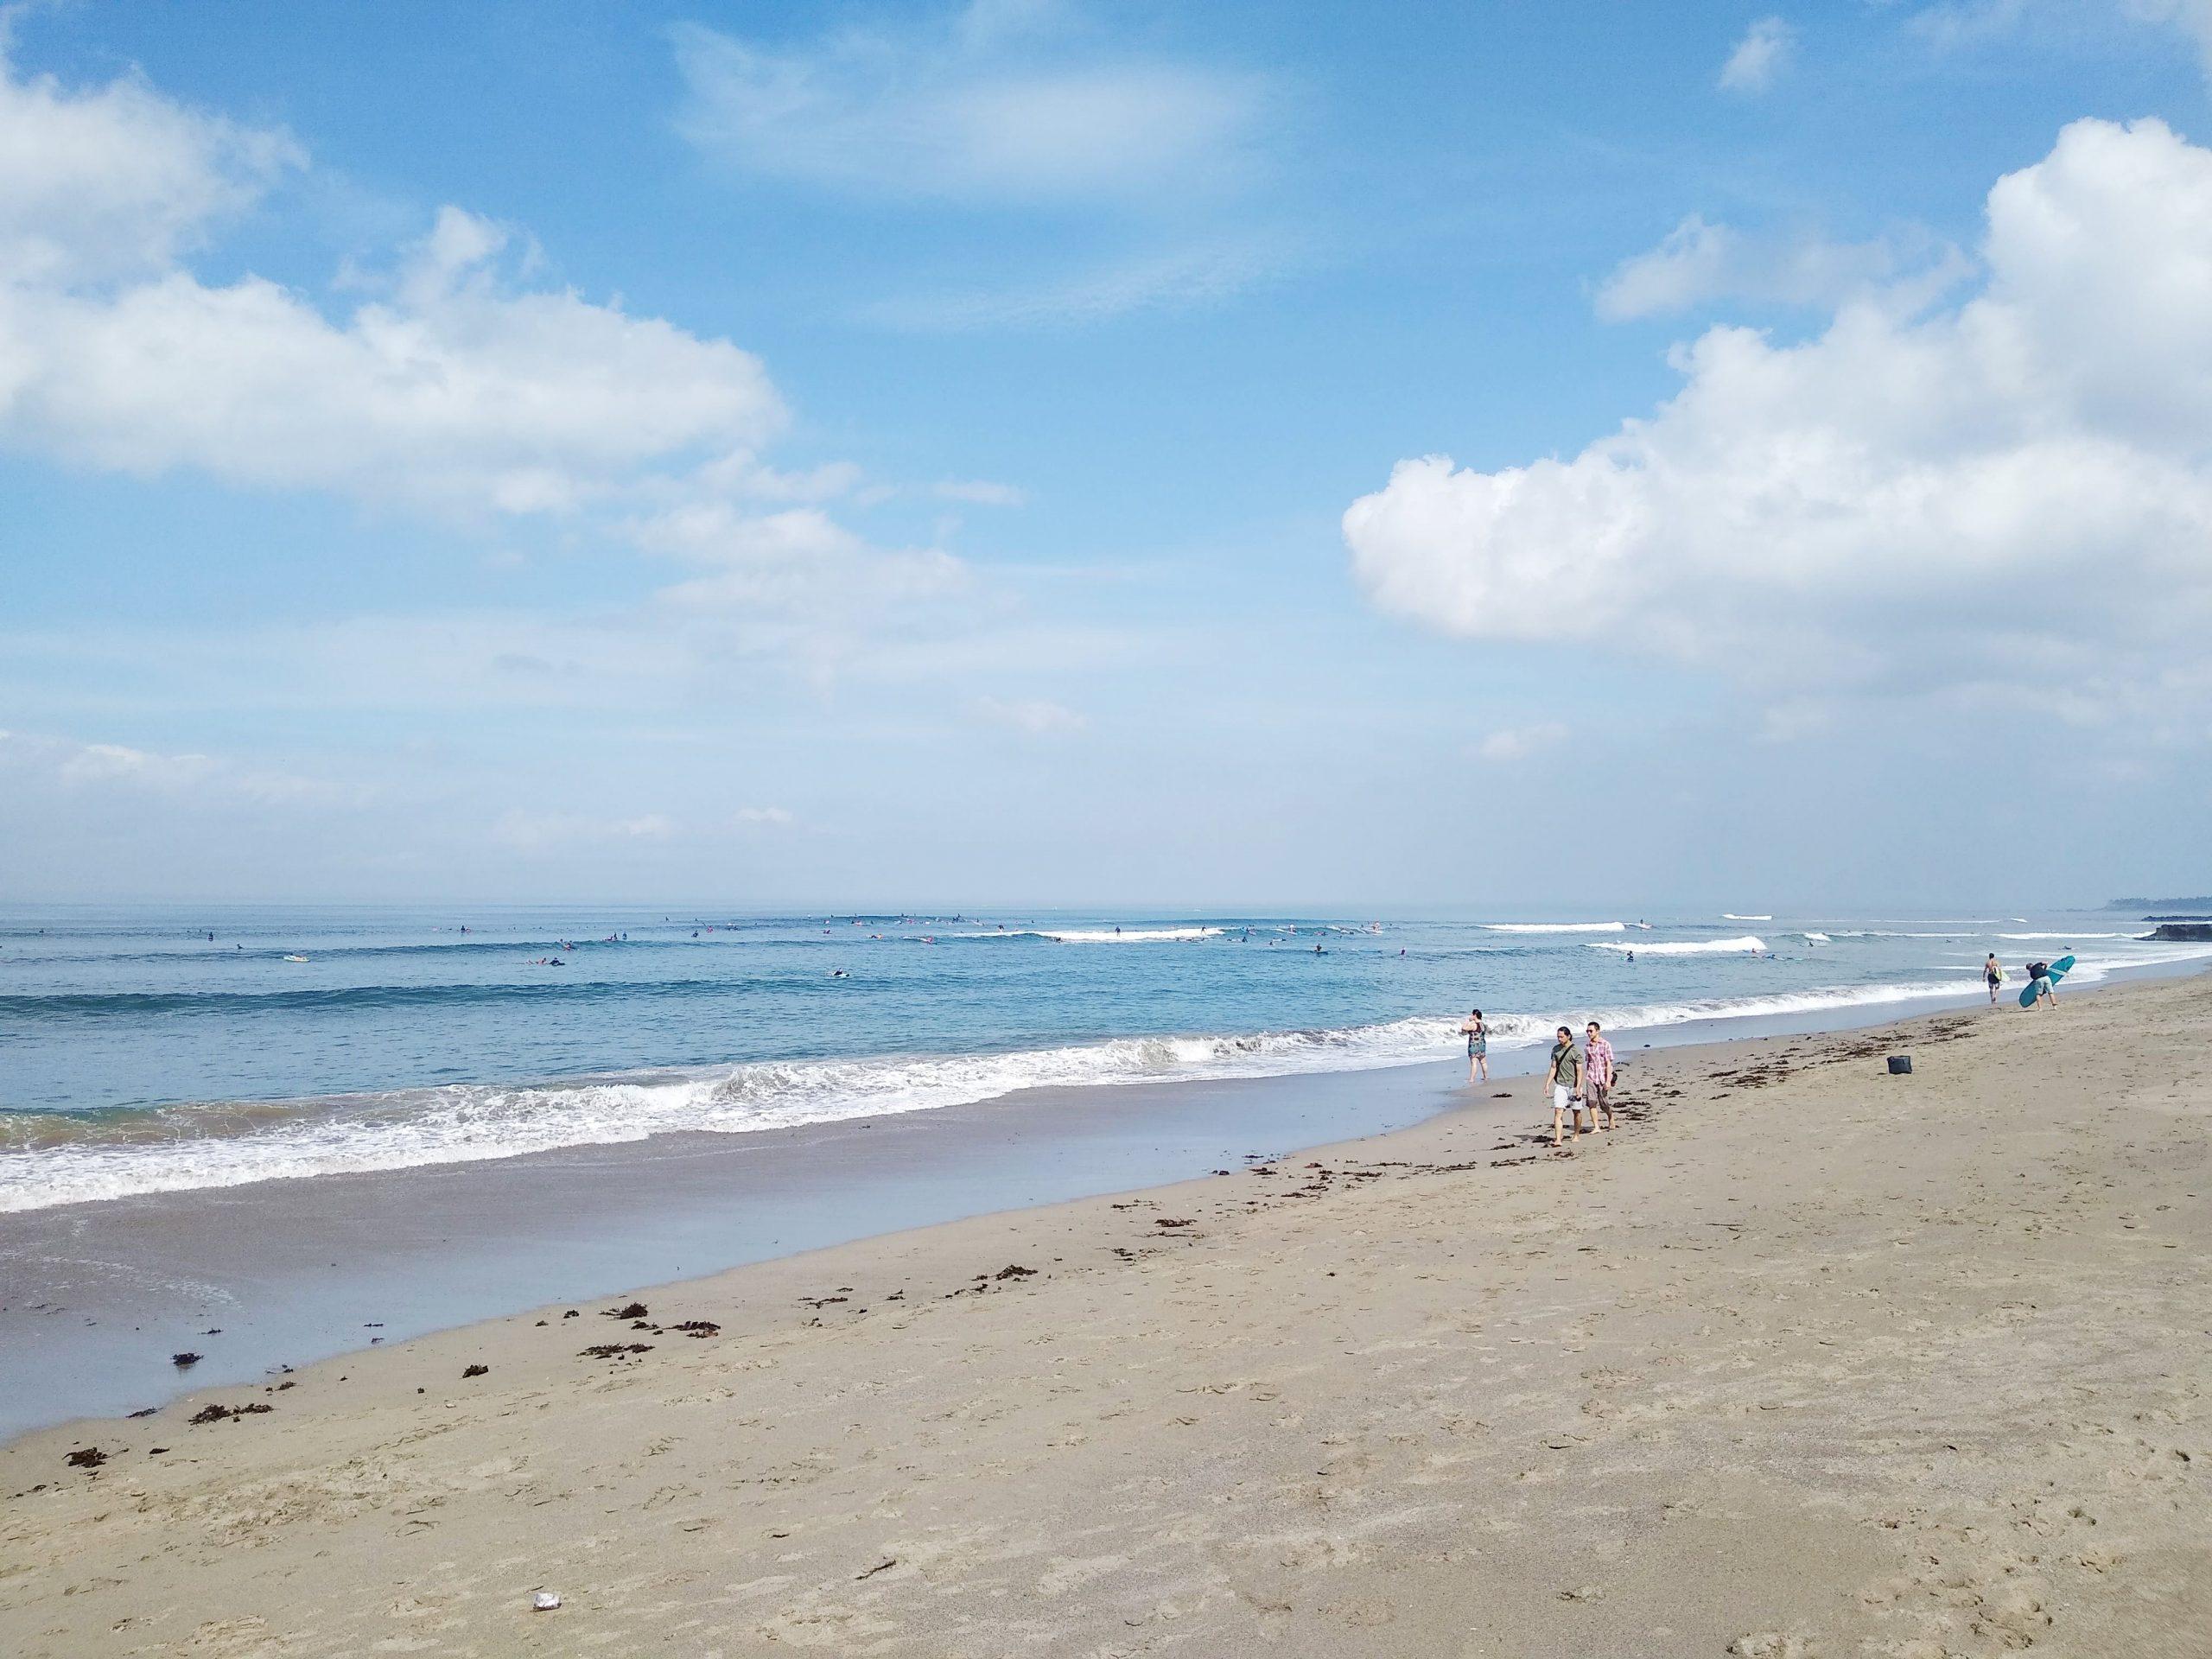 pantai-batu-bolong-bali